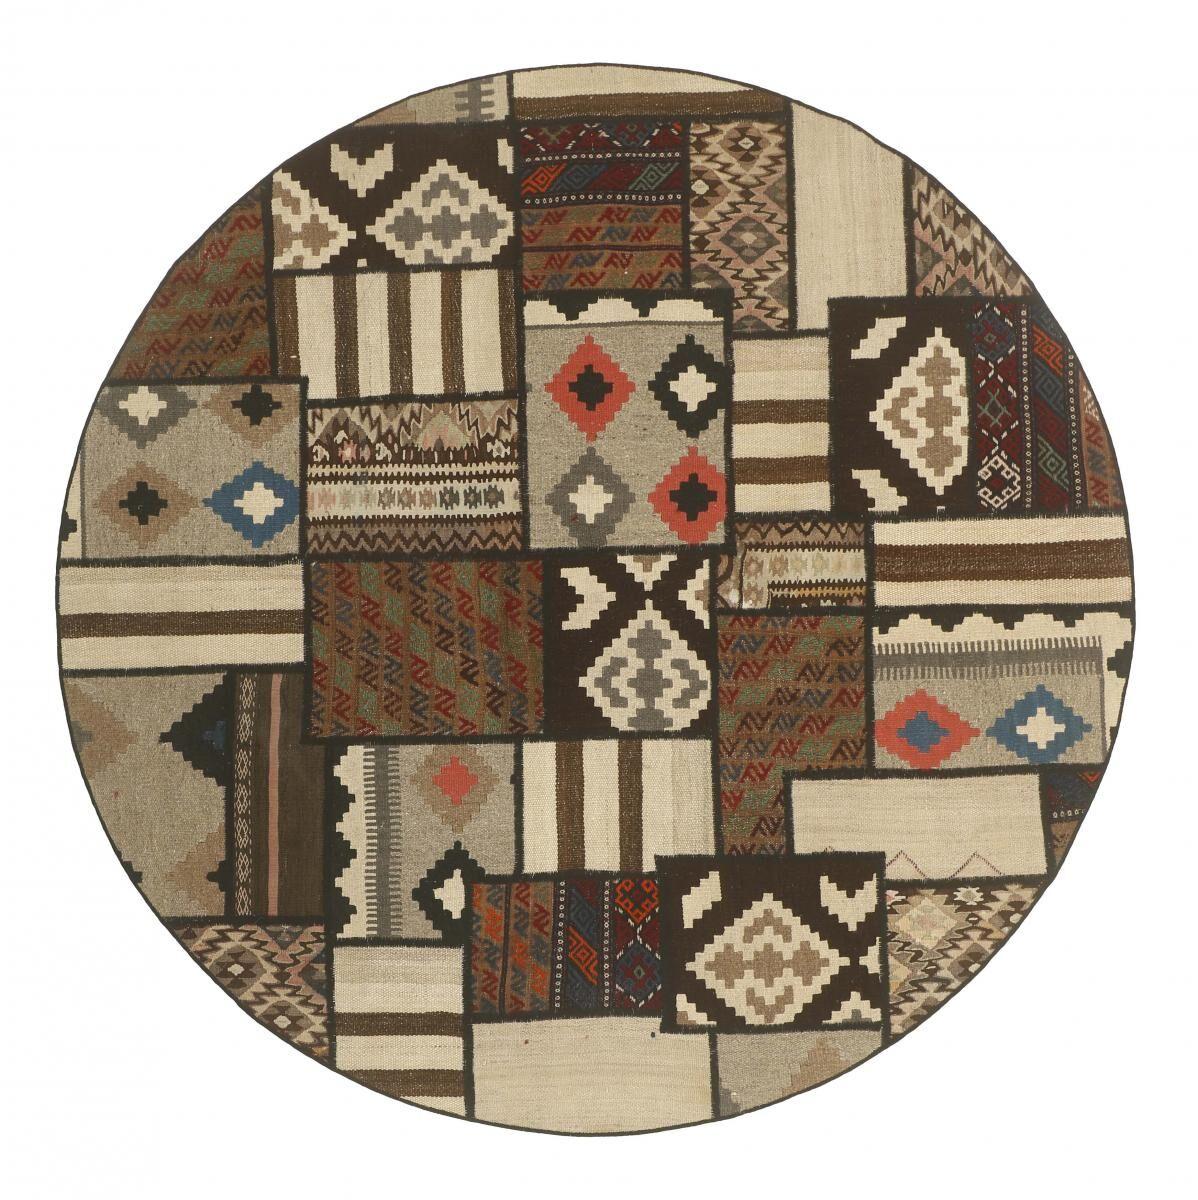 Nain Trading Tappeto Persiano Kilim Patchwork 199x201 Rossoondo Beige/Marrone Scuro (Tessuto a mano, Persia/Iran, Lana)